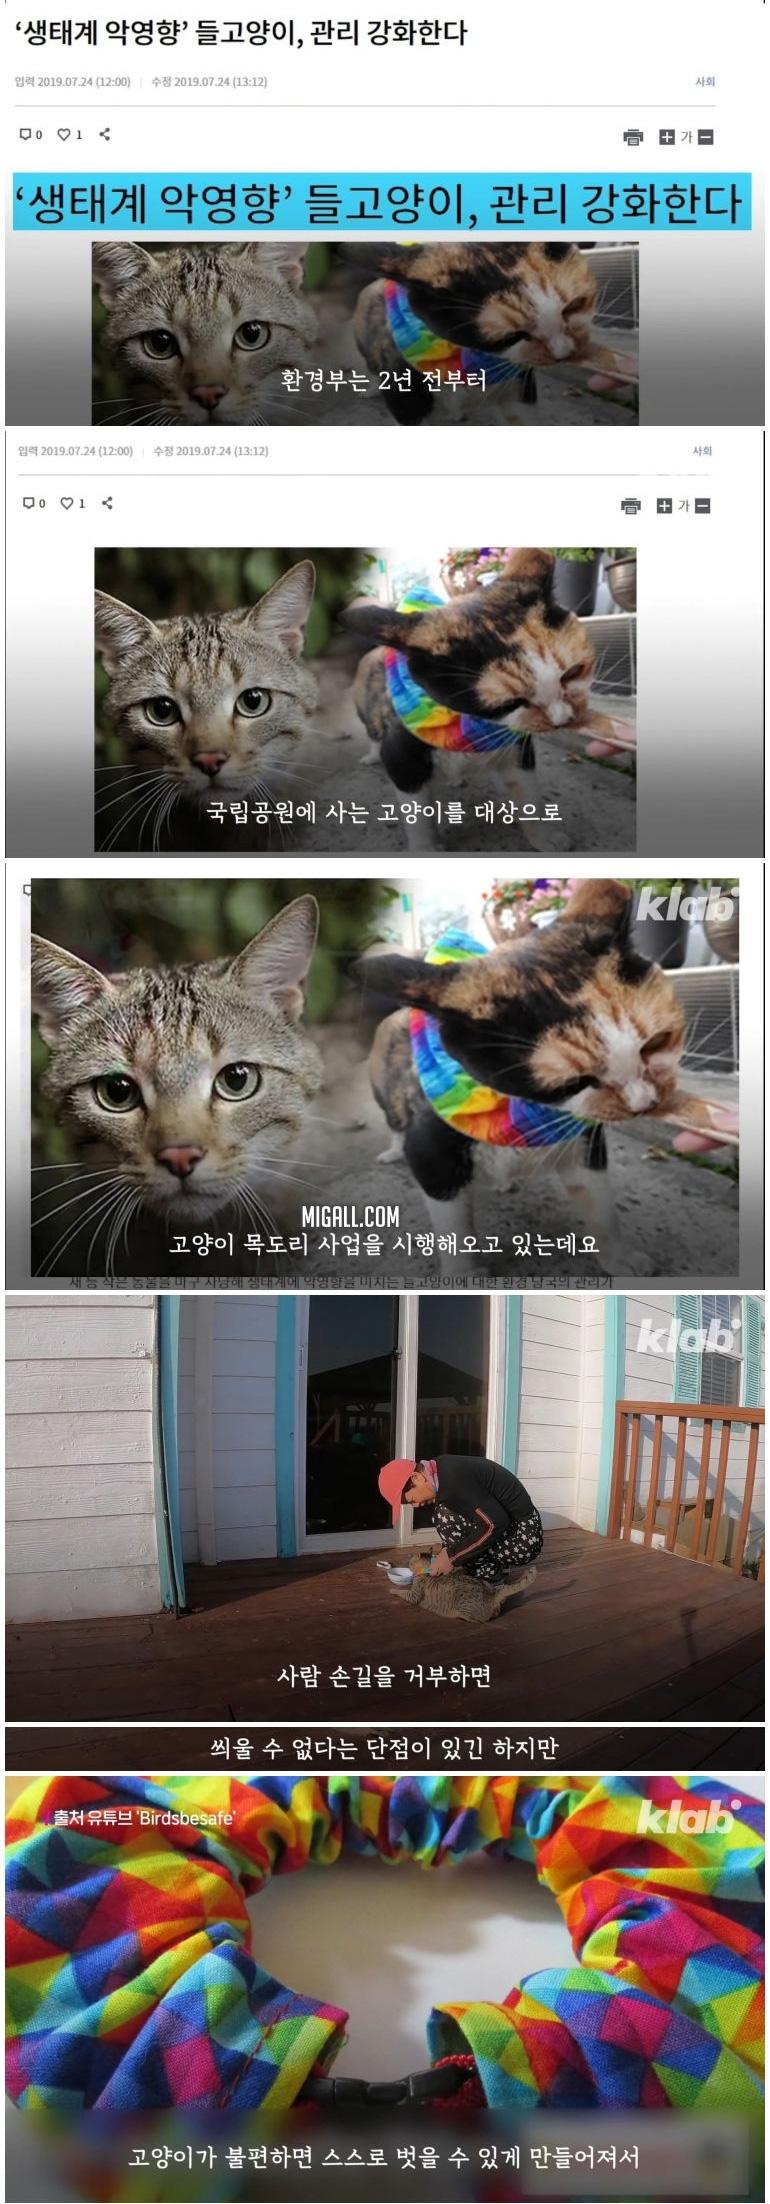 마라도 고양이들이 목도리를 하게 된 까닭 - 꾸르